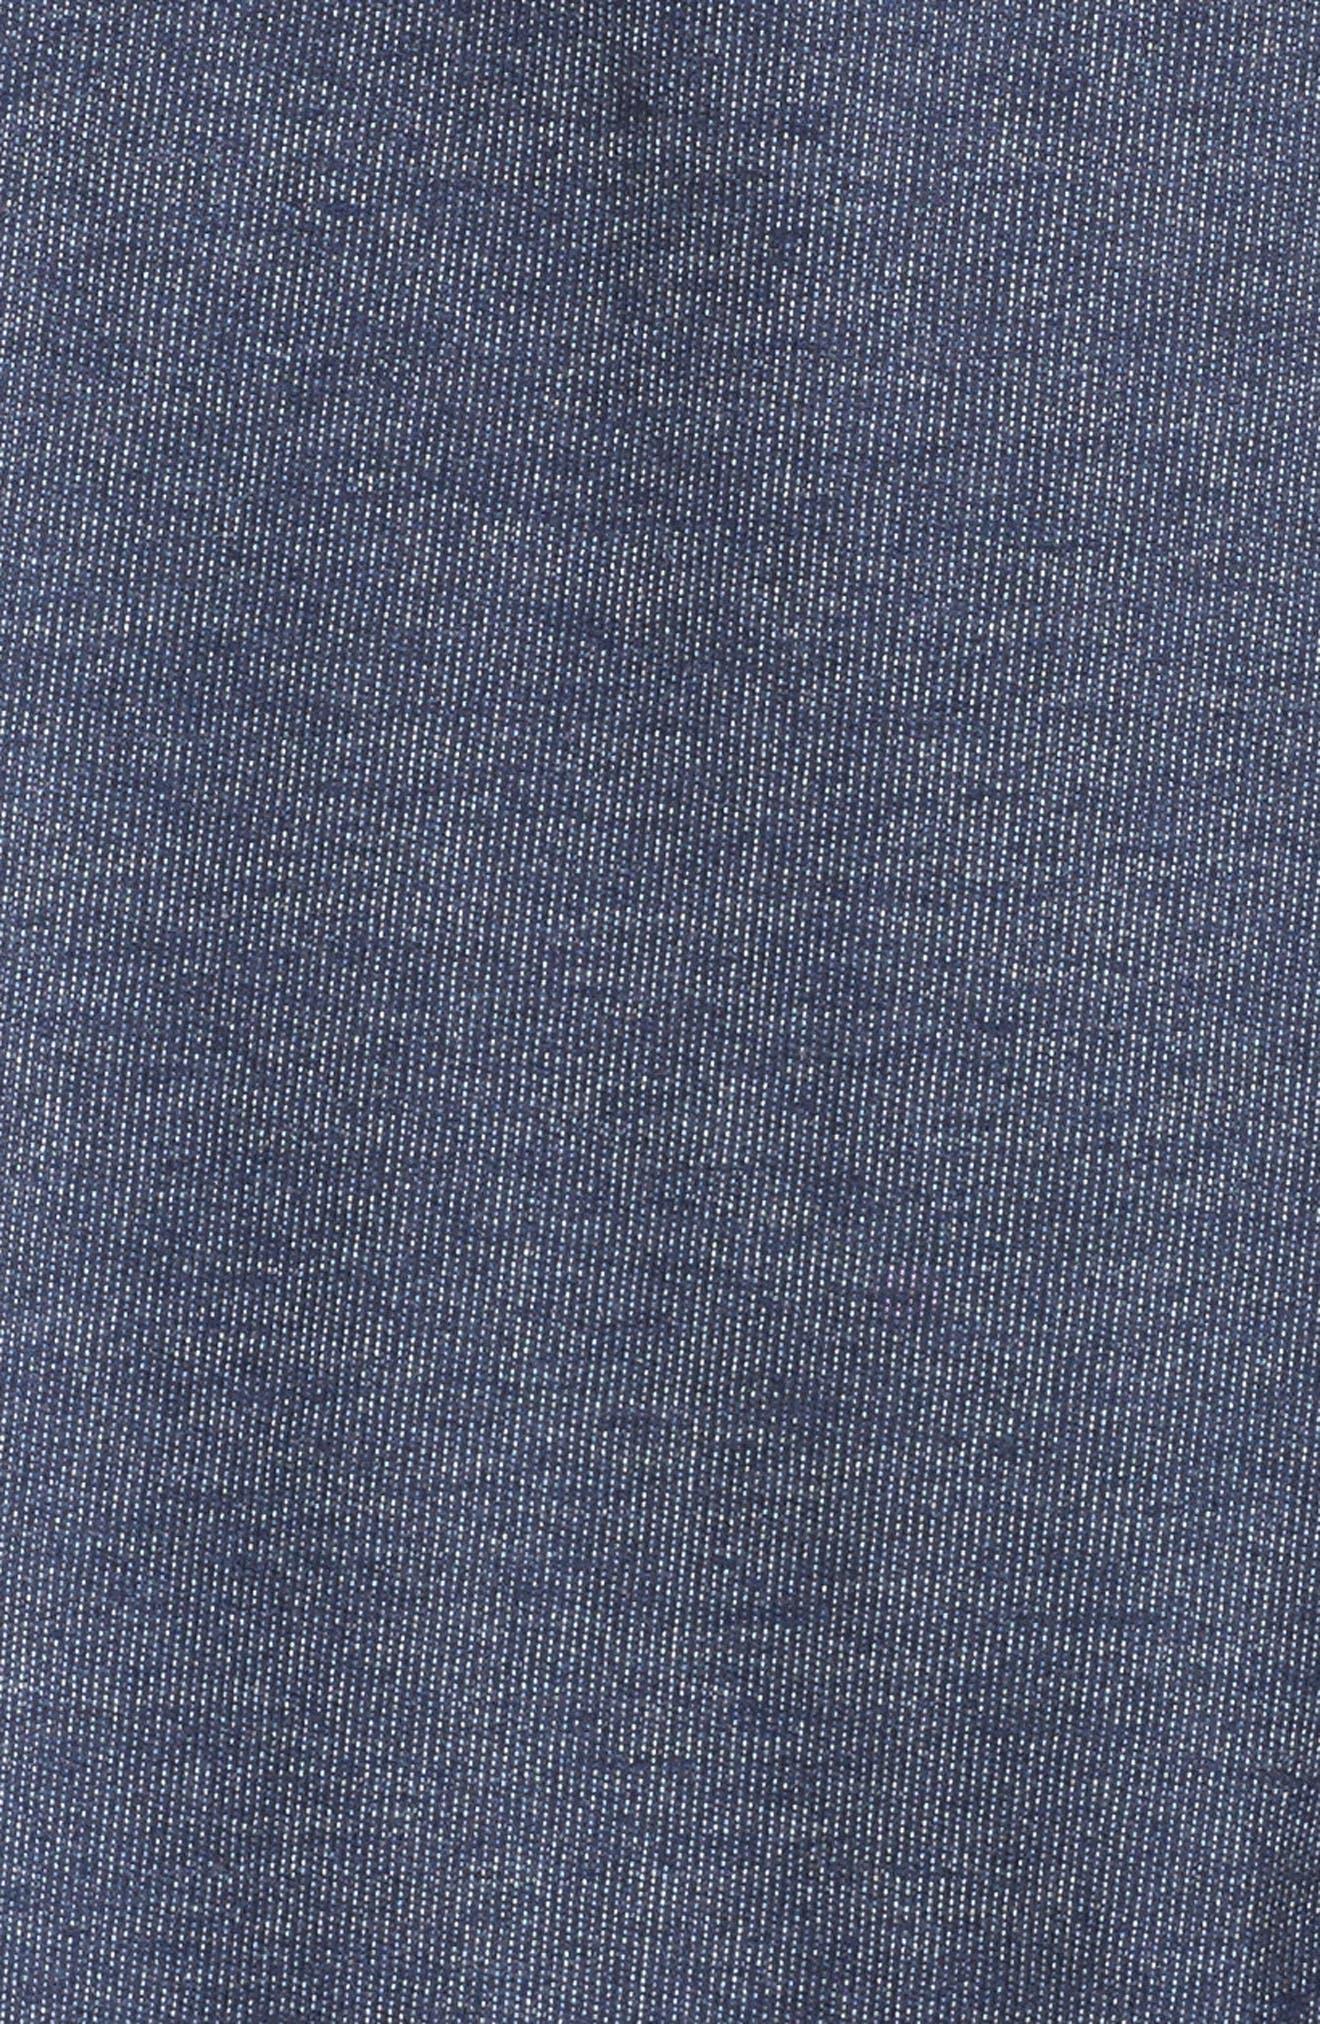 Brit Lounge Pants,                             Alternate thumbnail 5, color,